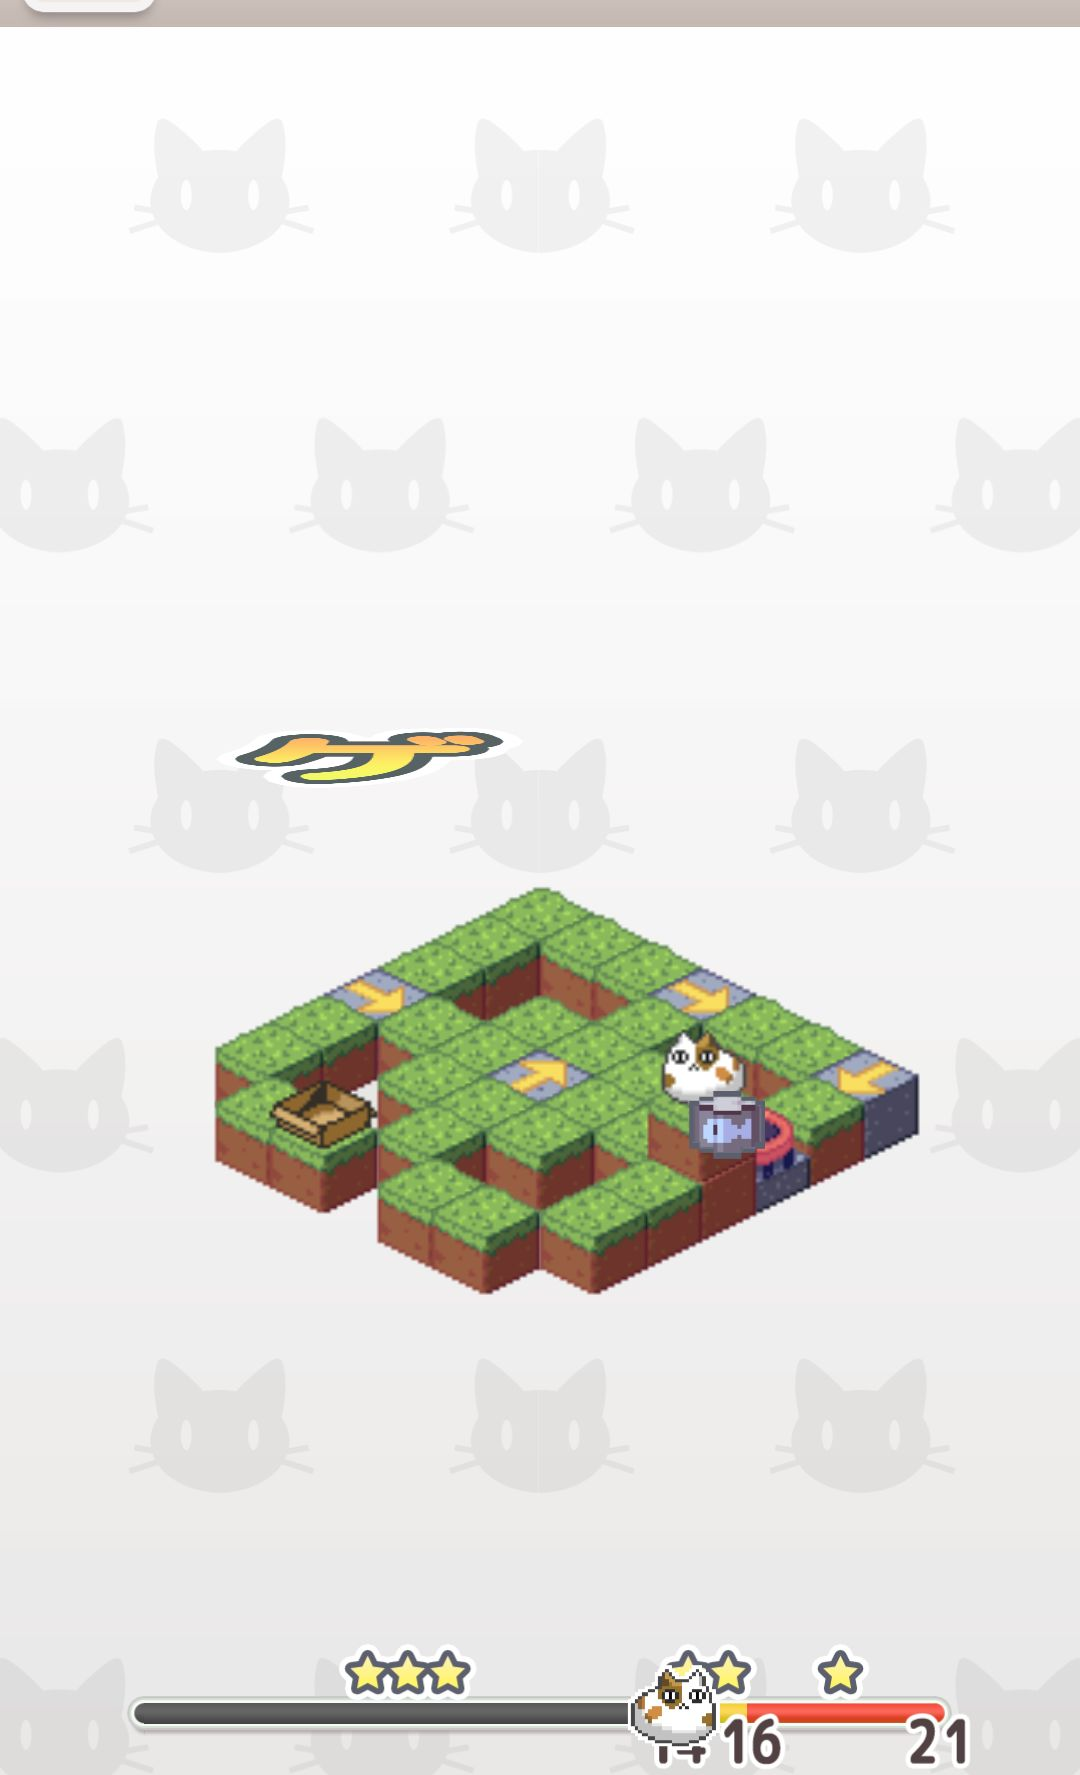 androidアプリ シュレディンガーの箱庭攻略スクリーンショット3